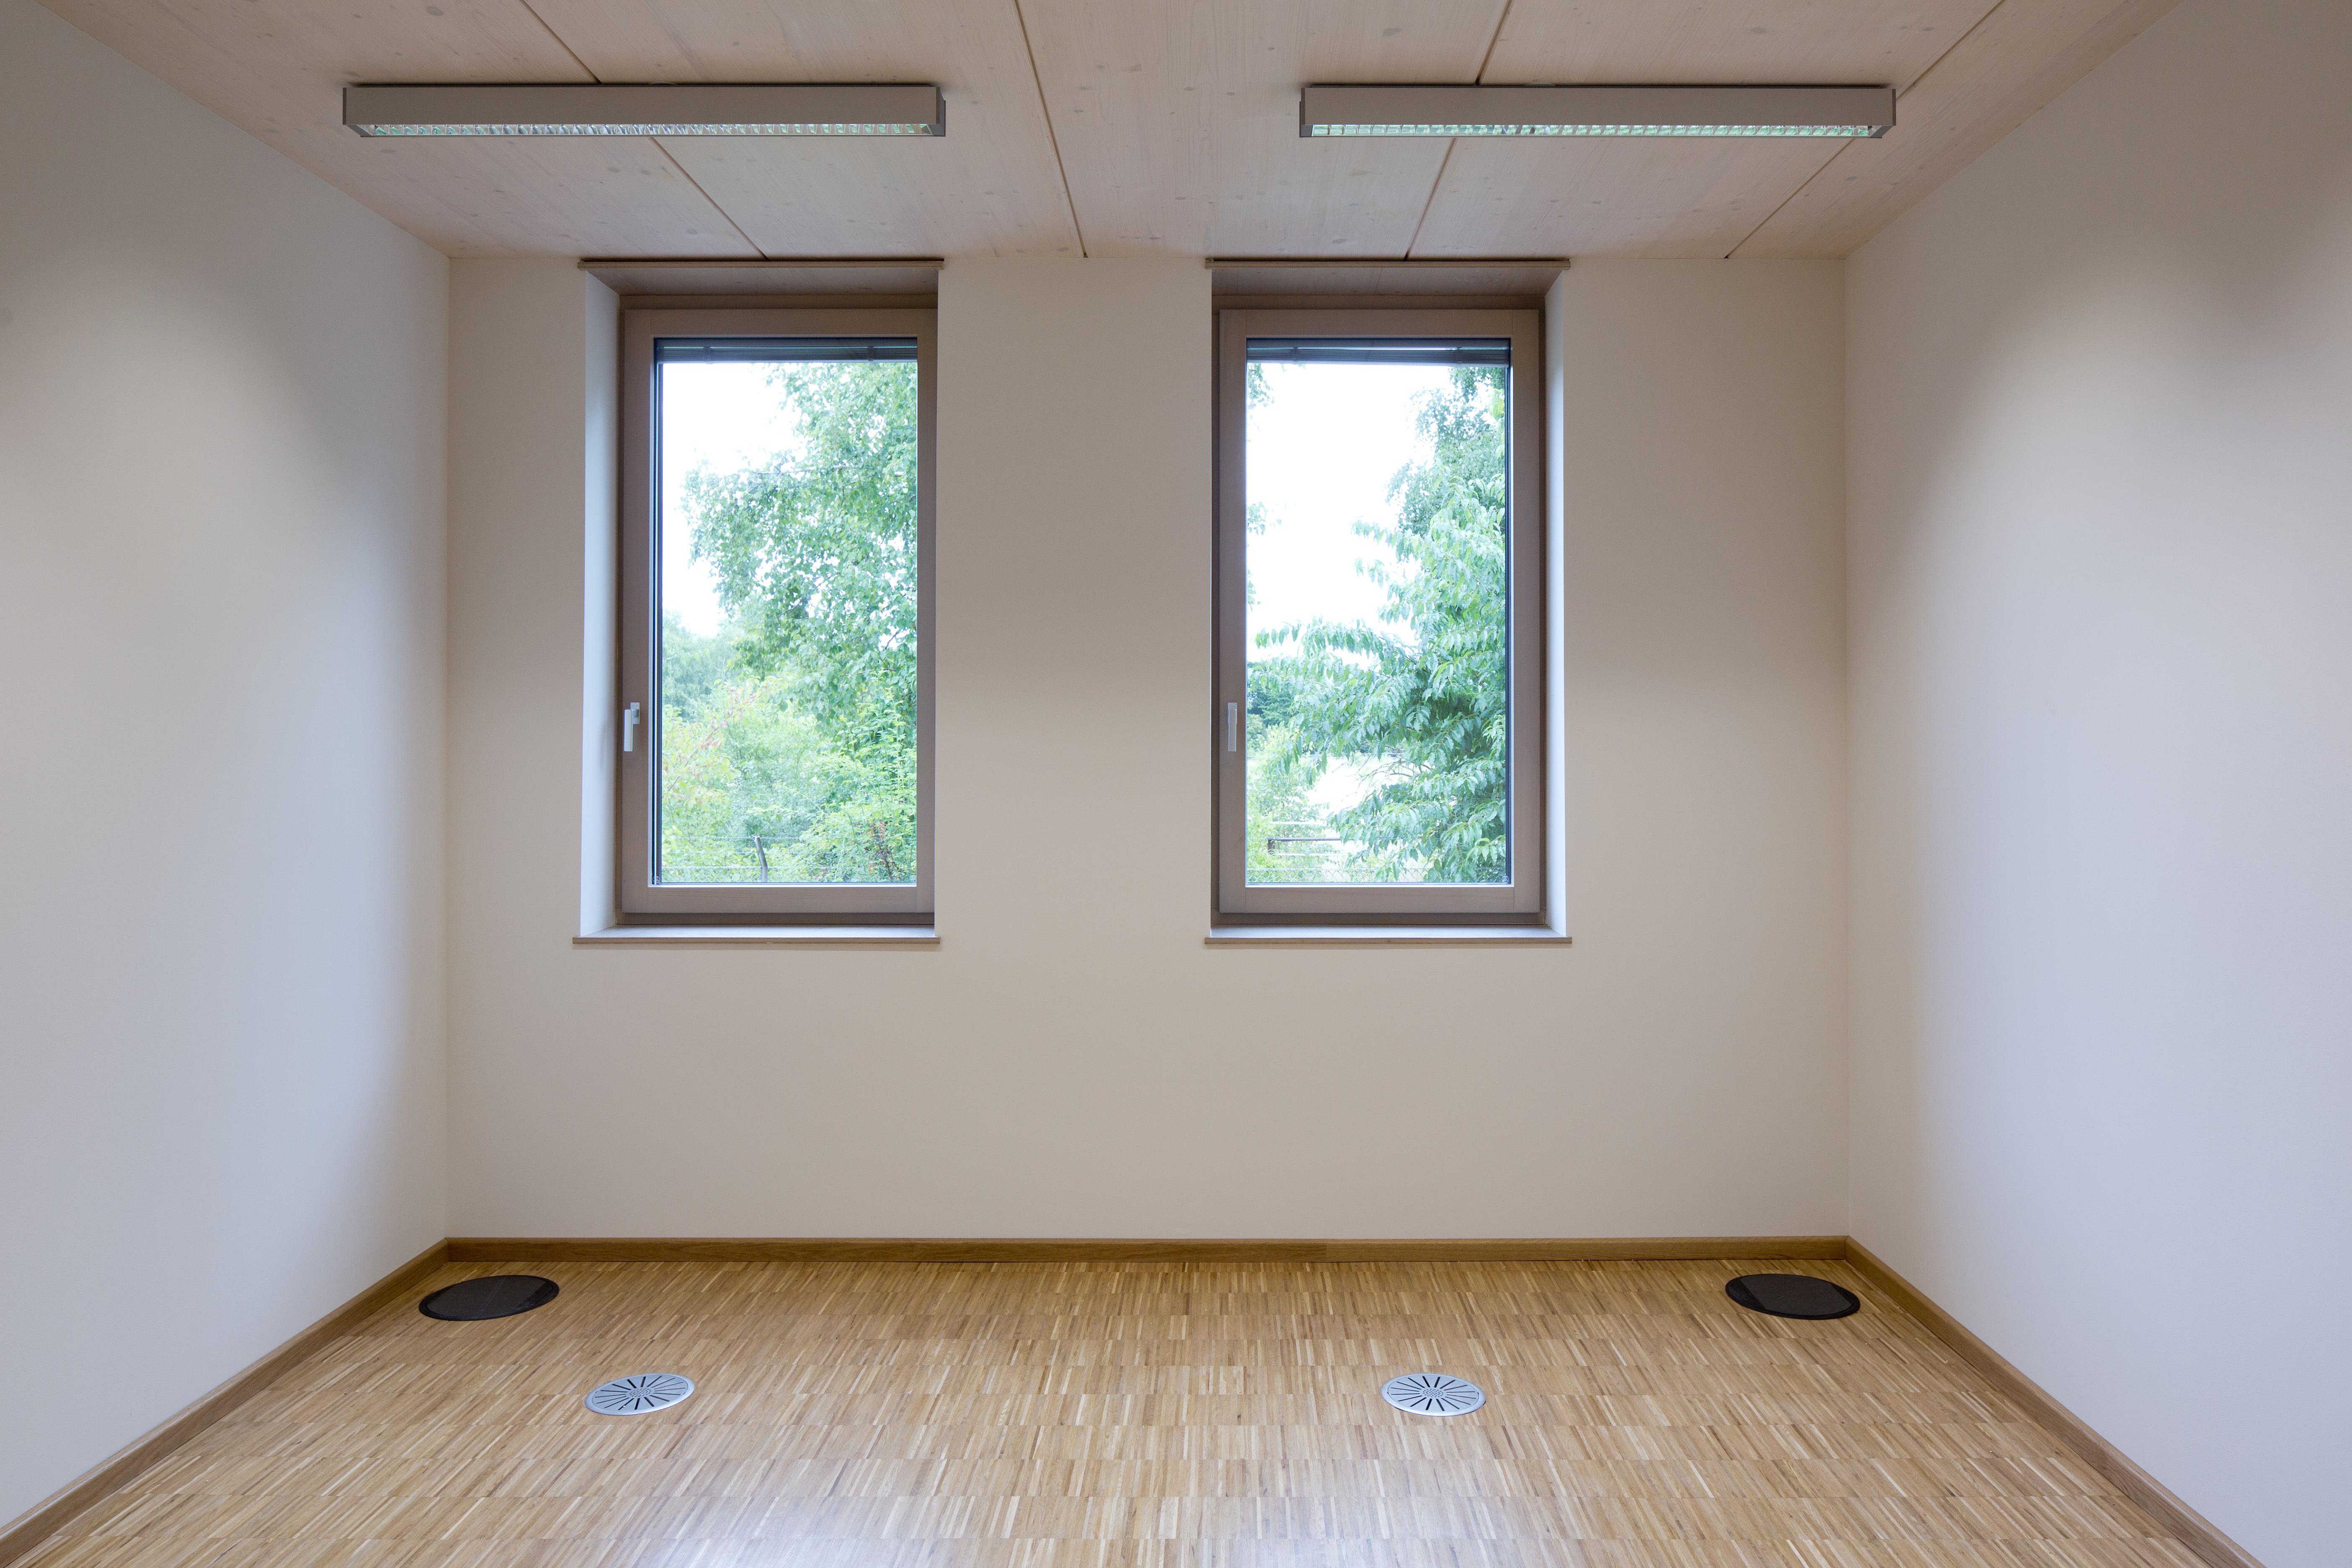 39 gold 39 awarded for new uba office building umweltbundesamt. Black Bedroom Furniture Sets. Home Design Ideas